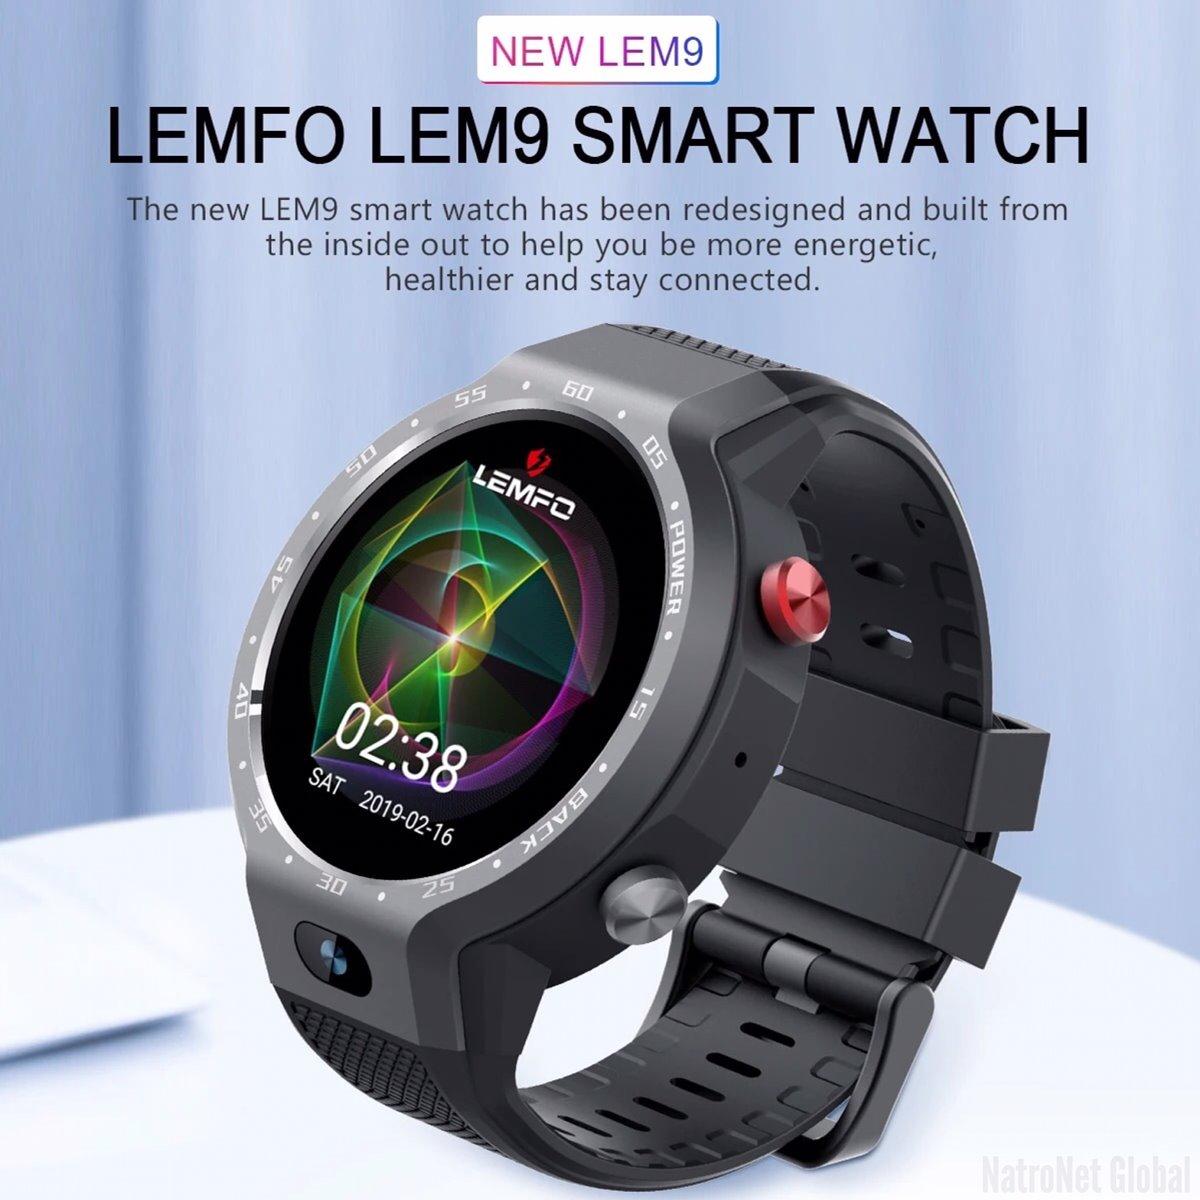 Lemfo ve Zeblaze Akıllı Saatler Türkiye-NatroNet Global Güvencesi İle